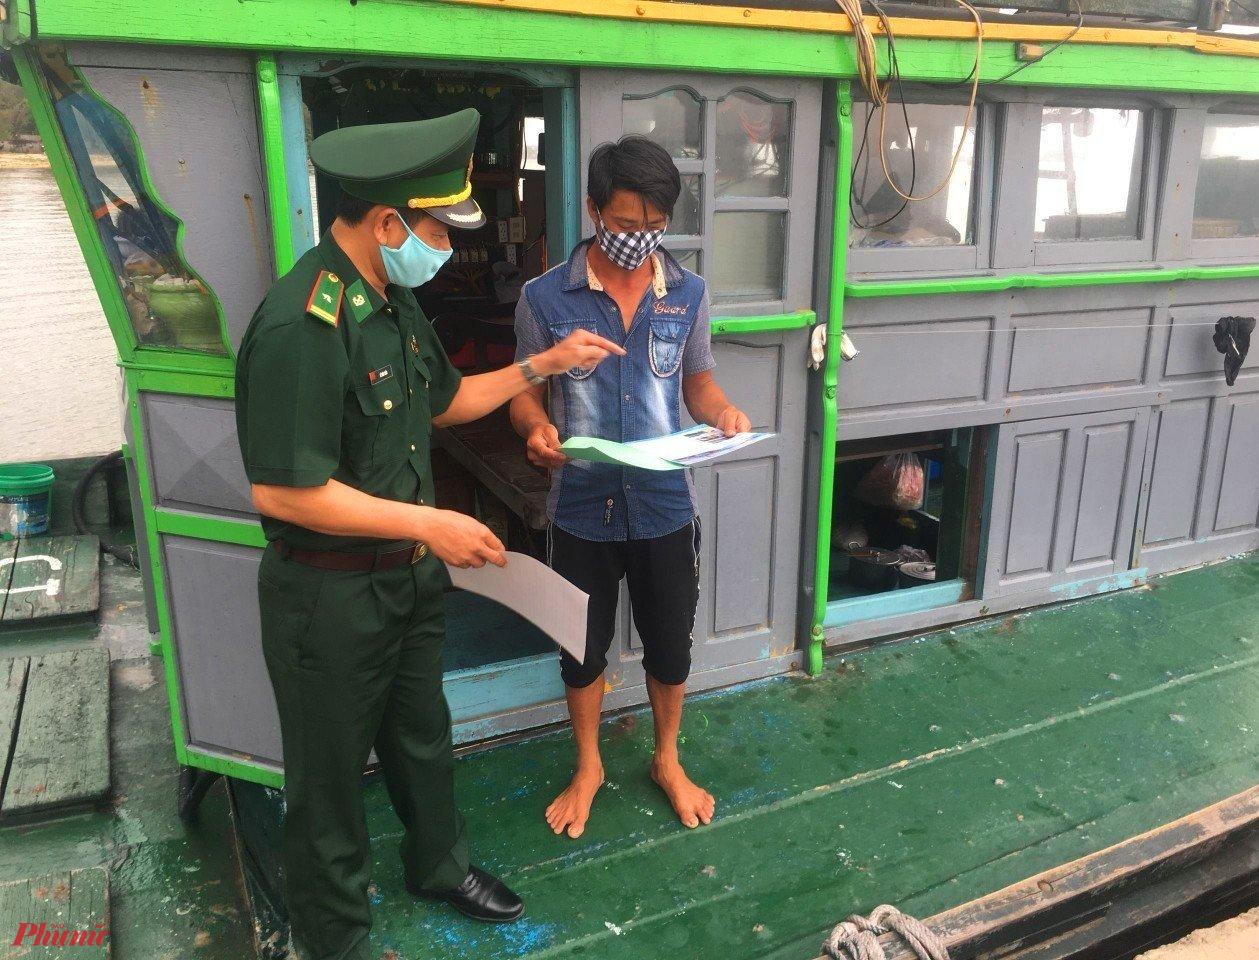 Bộ đội Biên phòng yêu cầu ngư dân ngoại tỉnh vào tránh trú bão phải kê khai Y tế và chấp hành 5K trong phòng chống COVID-19